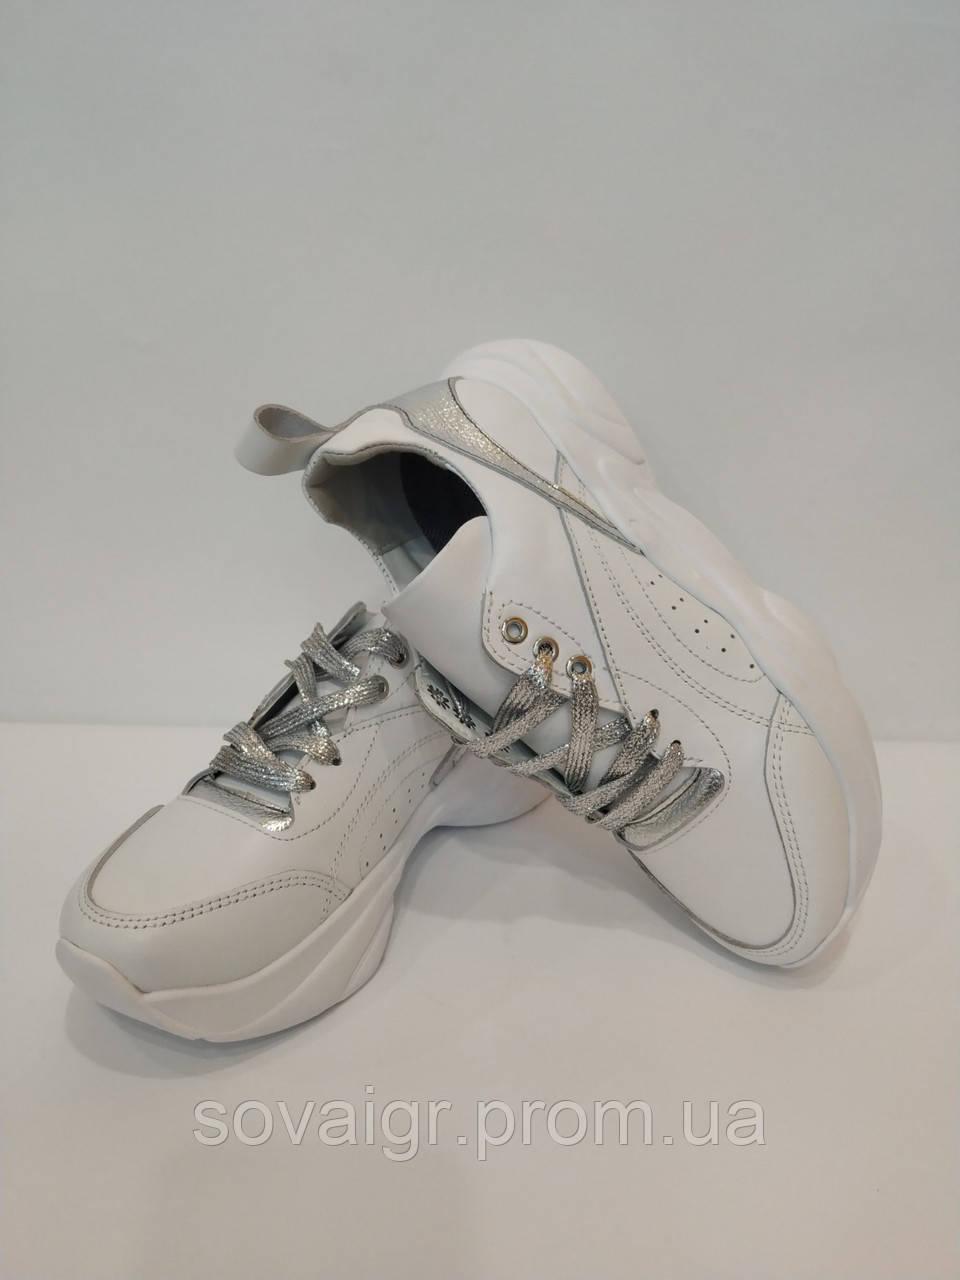 Детские кожаные кроссовки для девочки Teens